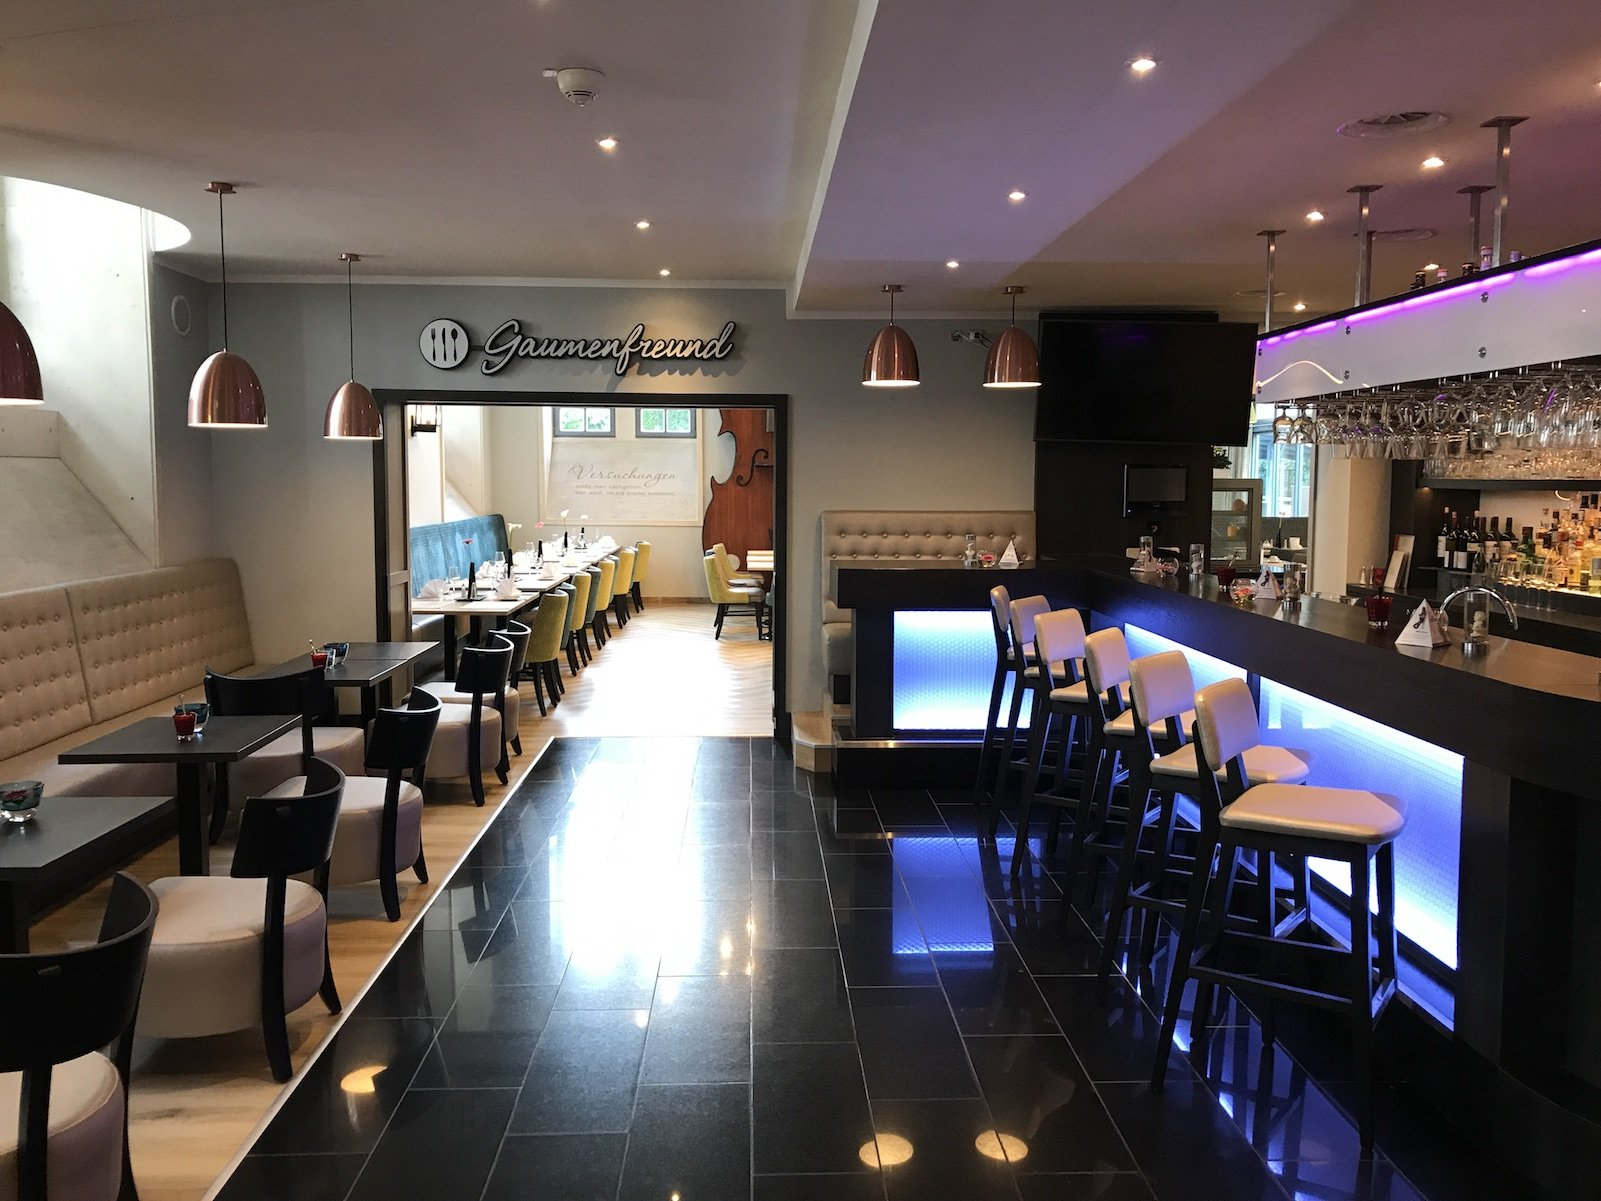 Blick durch die Bar in Richtung des Speisesaals des H4 Hotels Residenzschloss Bayreuth